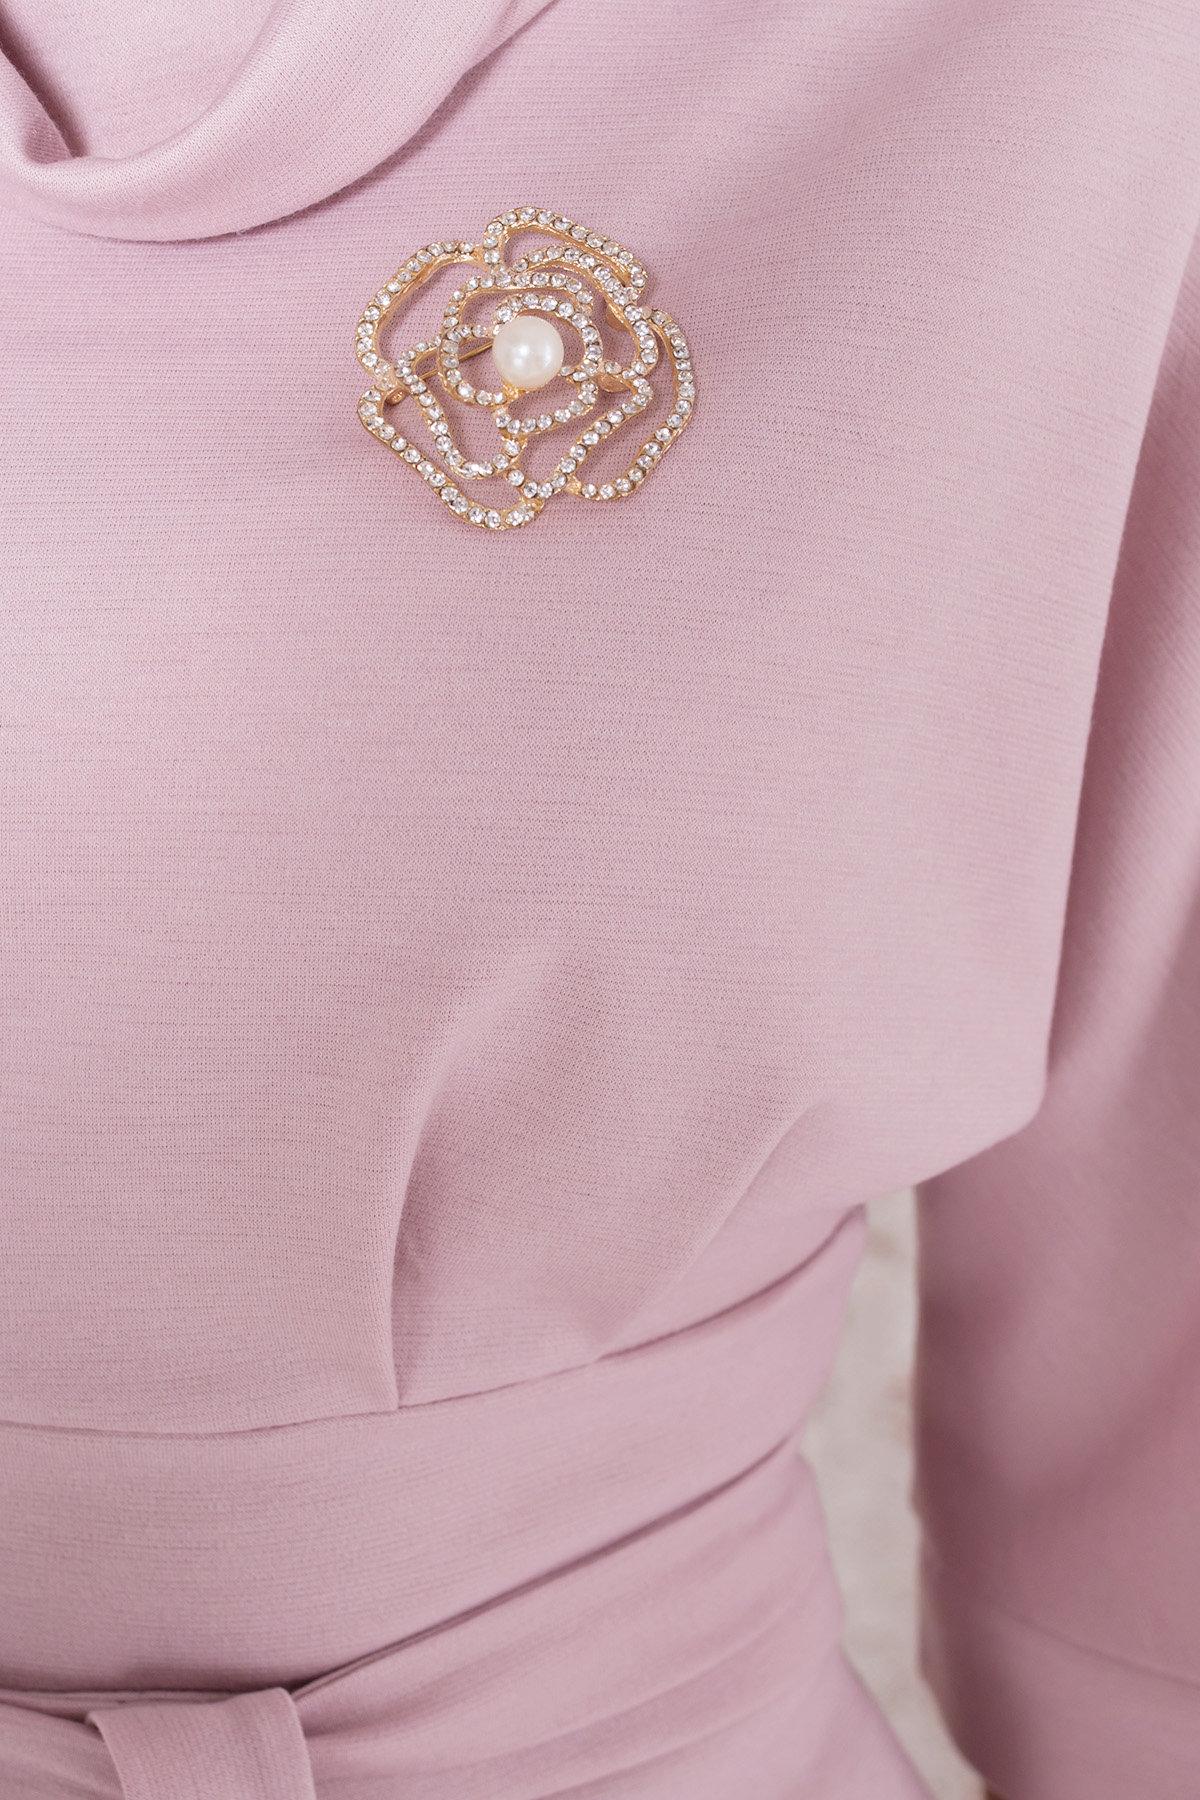 Трикотажное платье Вассаби 8478 АРТ. 44904 Цвет: розовый - фото 8, интернет магазин tm-modus.ru